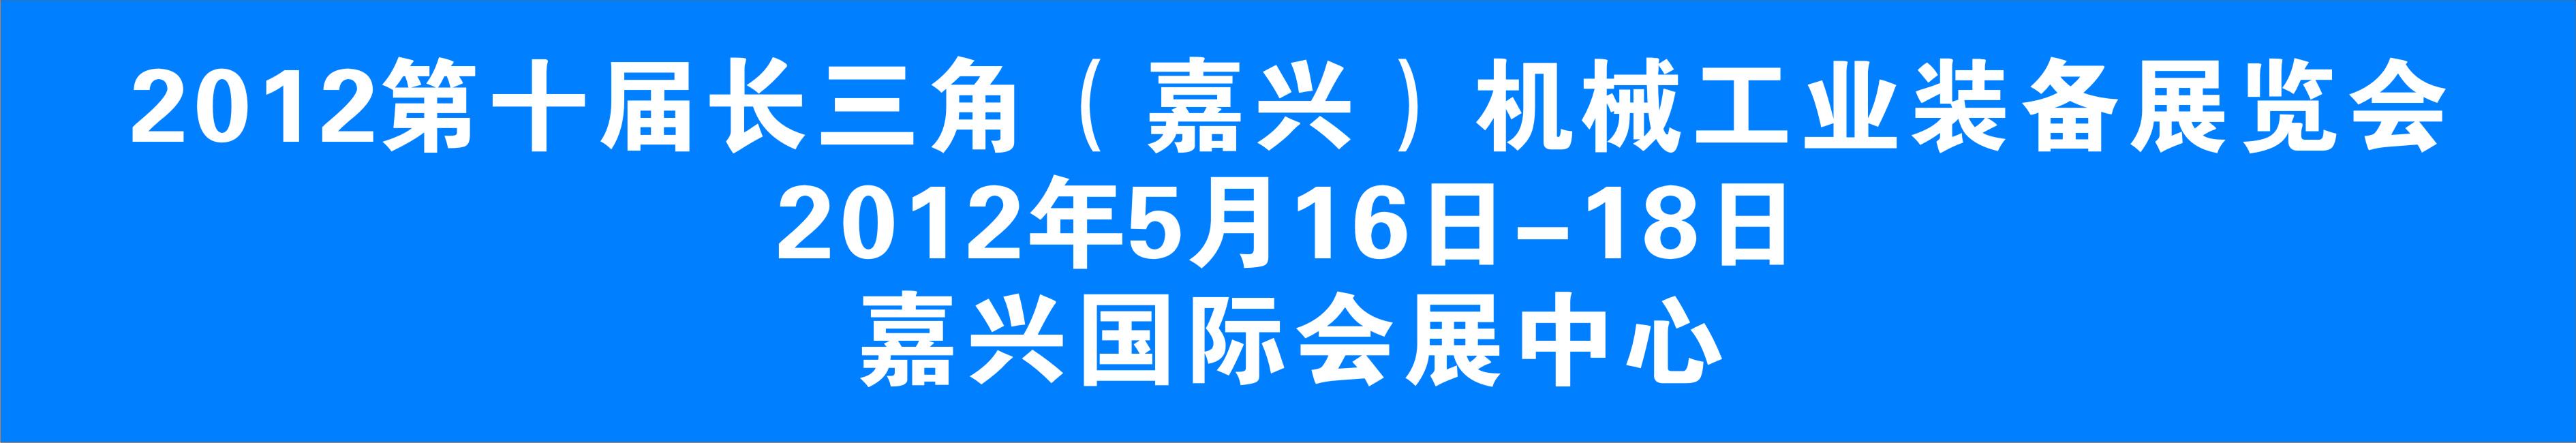 2012第十届长三角(嘉兴)机械工业装备展览会